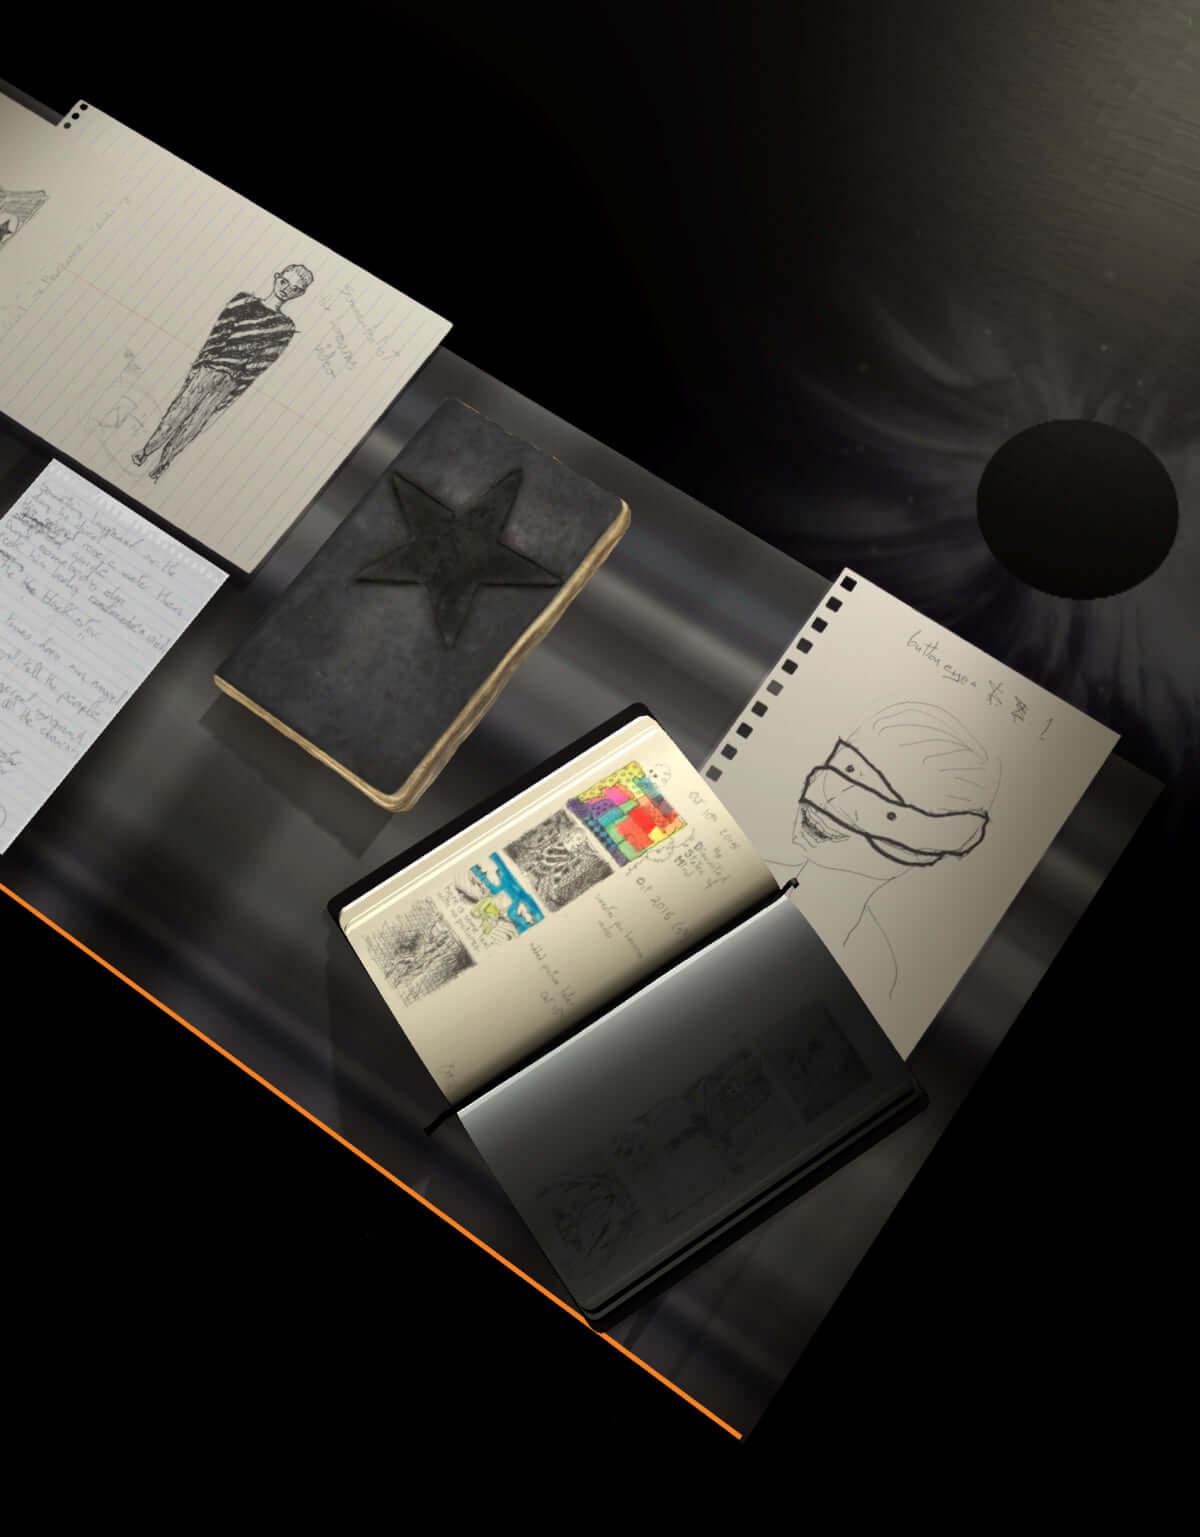 デヴィッド・ボウイ大回顧展「DAVID BOWIE is」が甦るARアプリ、ナレーションがゲイリー・オールドマンに決定 music181229-DBis-06.-1200x1537